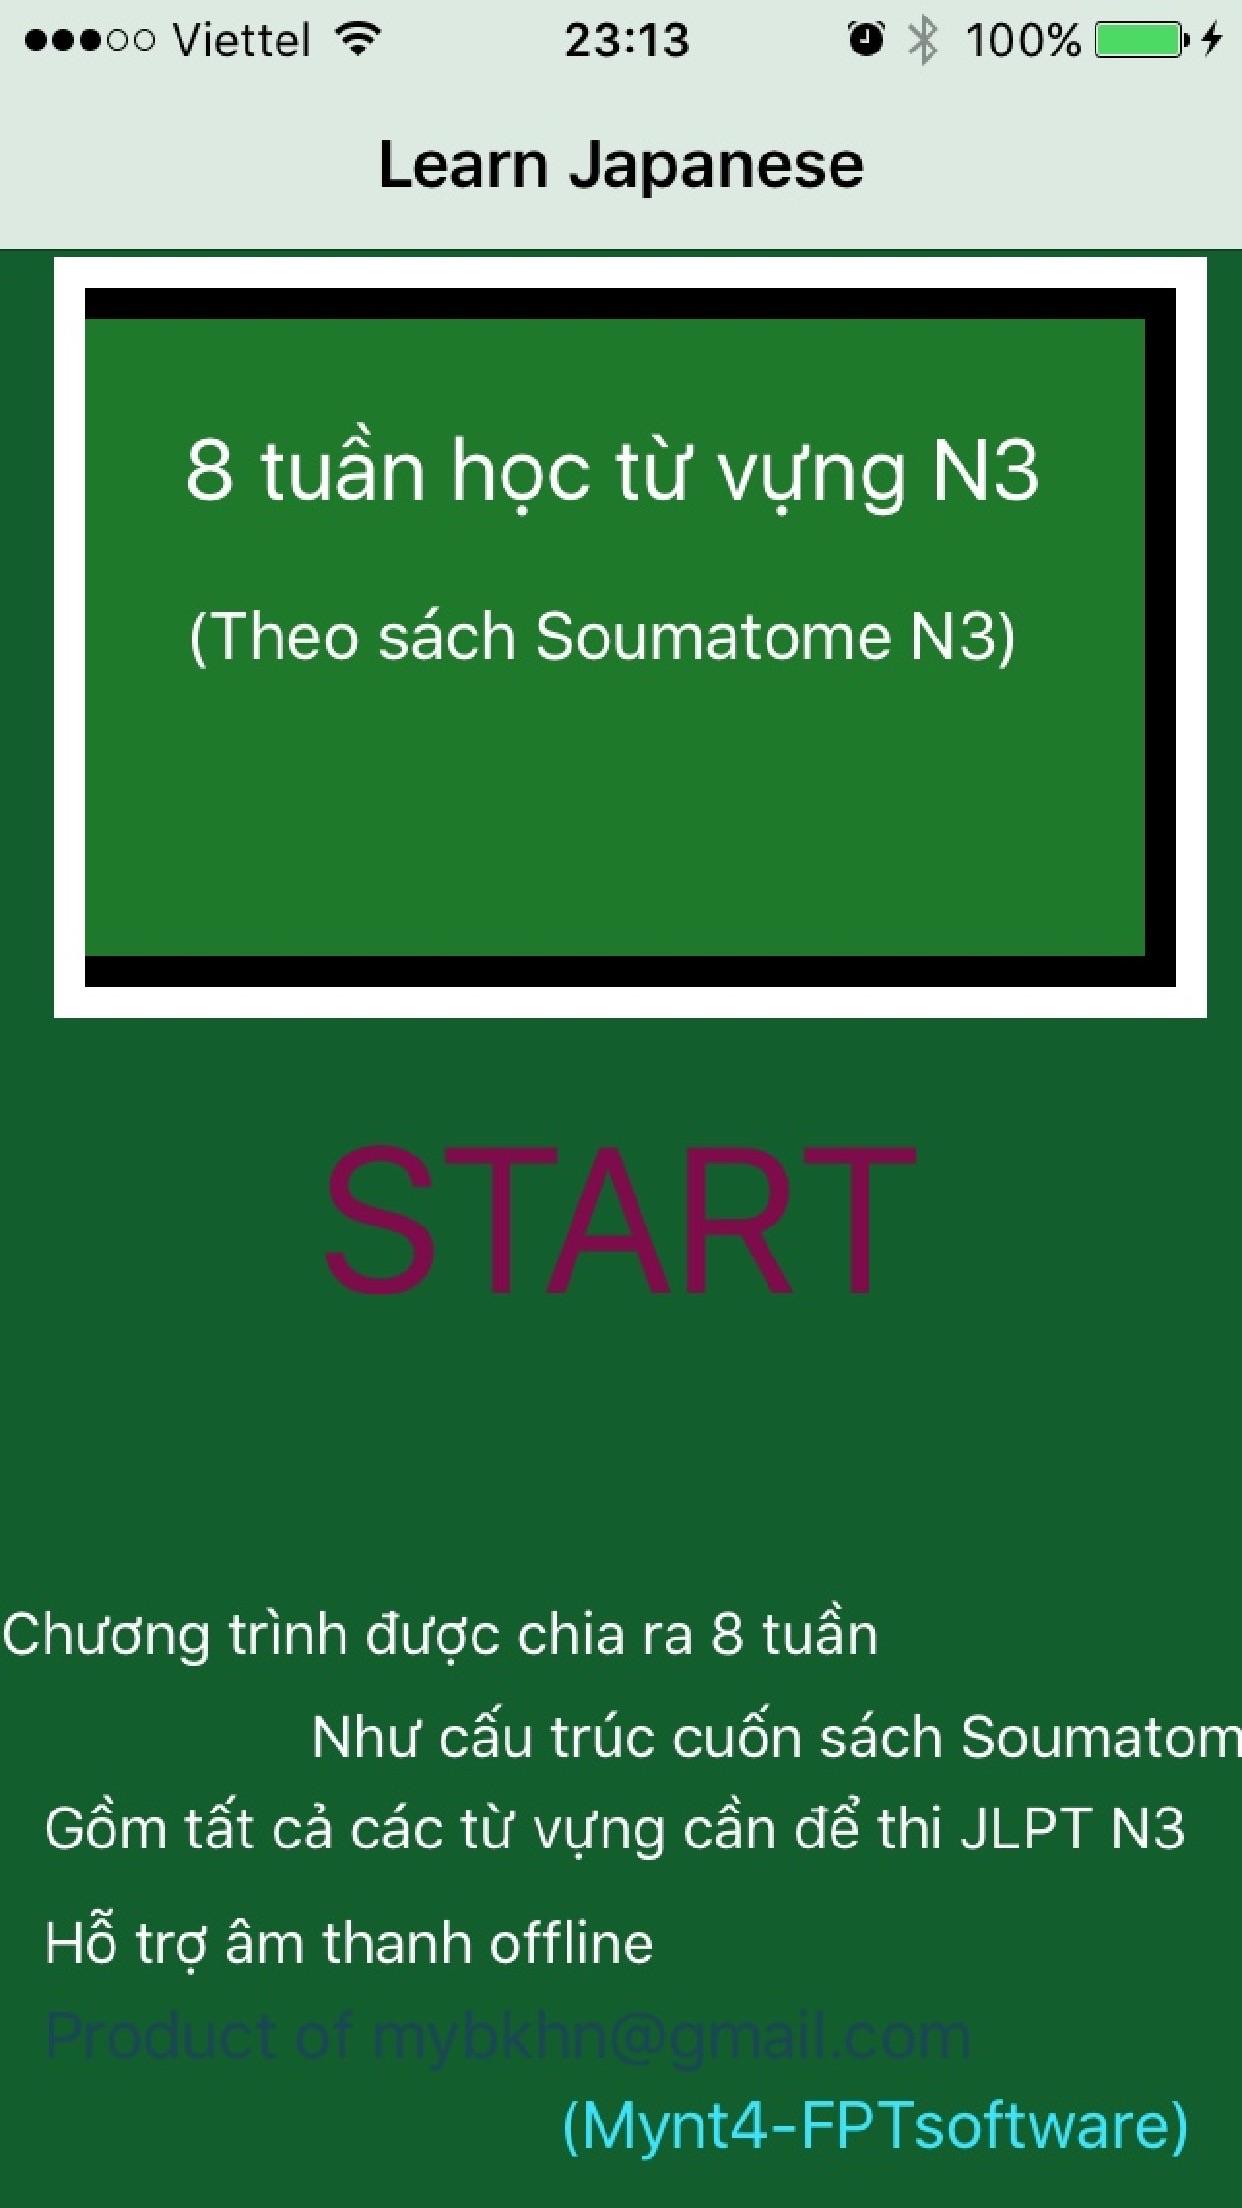 Hoc tu vung Soumatome N3 trong 8 tuan Screenshot